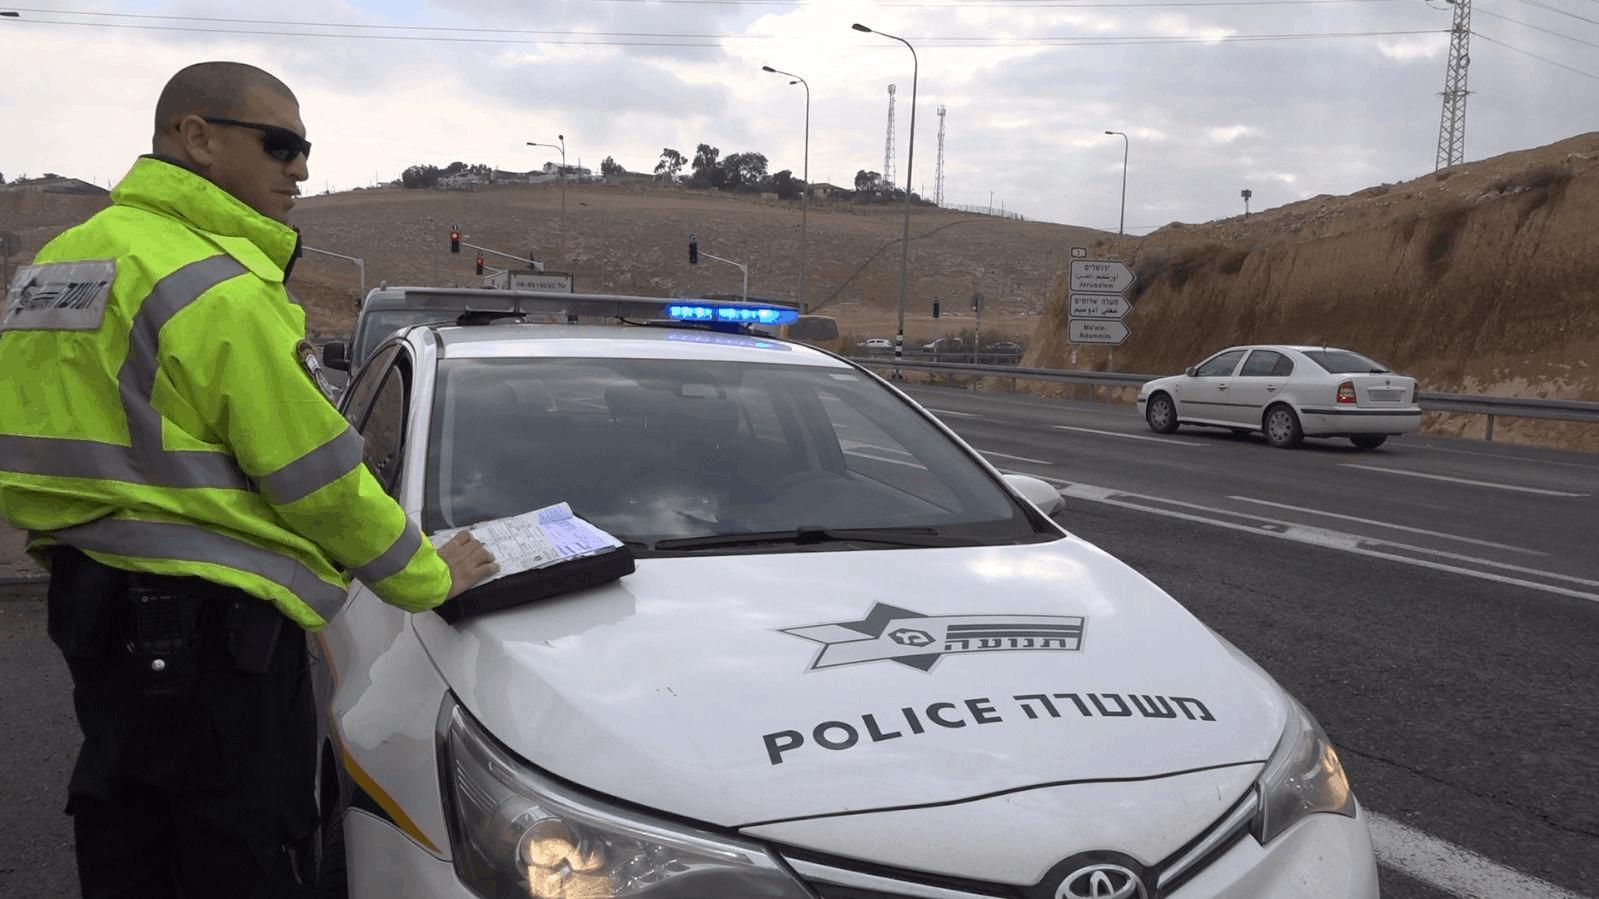 משטרת ישראל: קנסות בסך  450,000 שקל לנהגים שדיברו בנסיעה בטלפון נייד